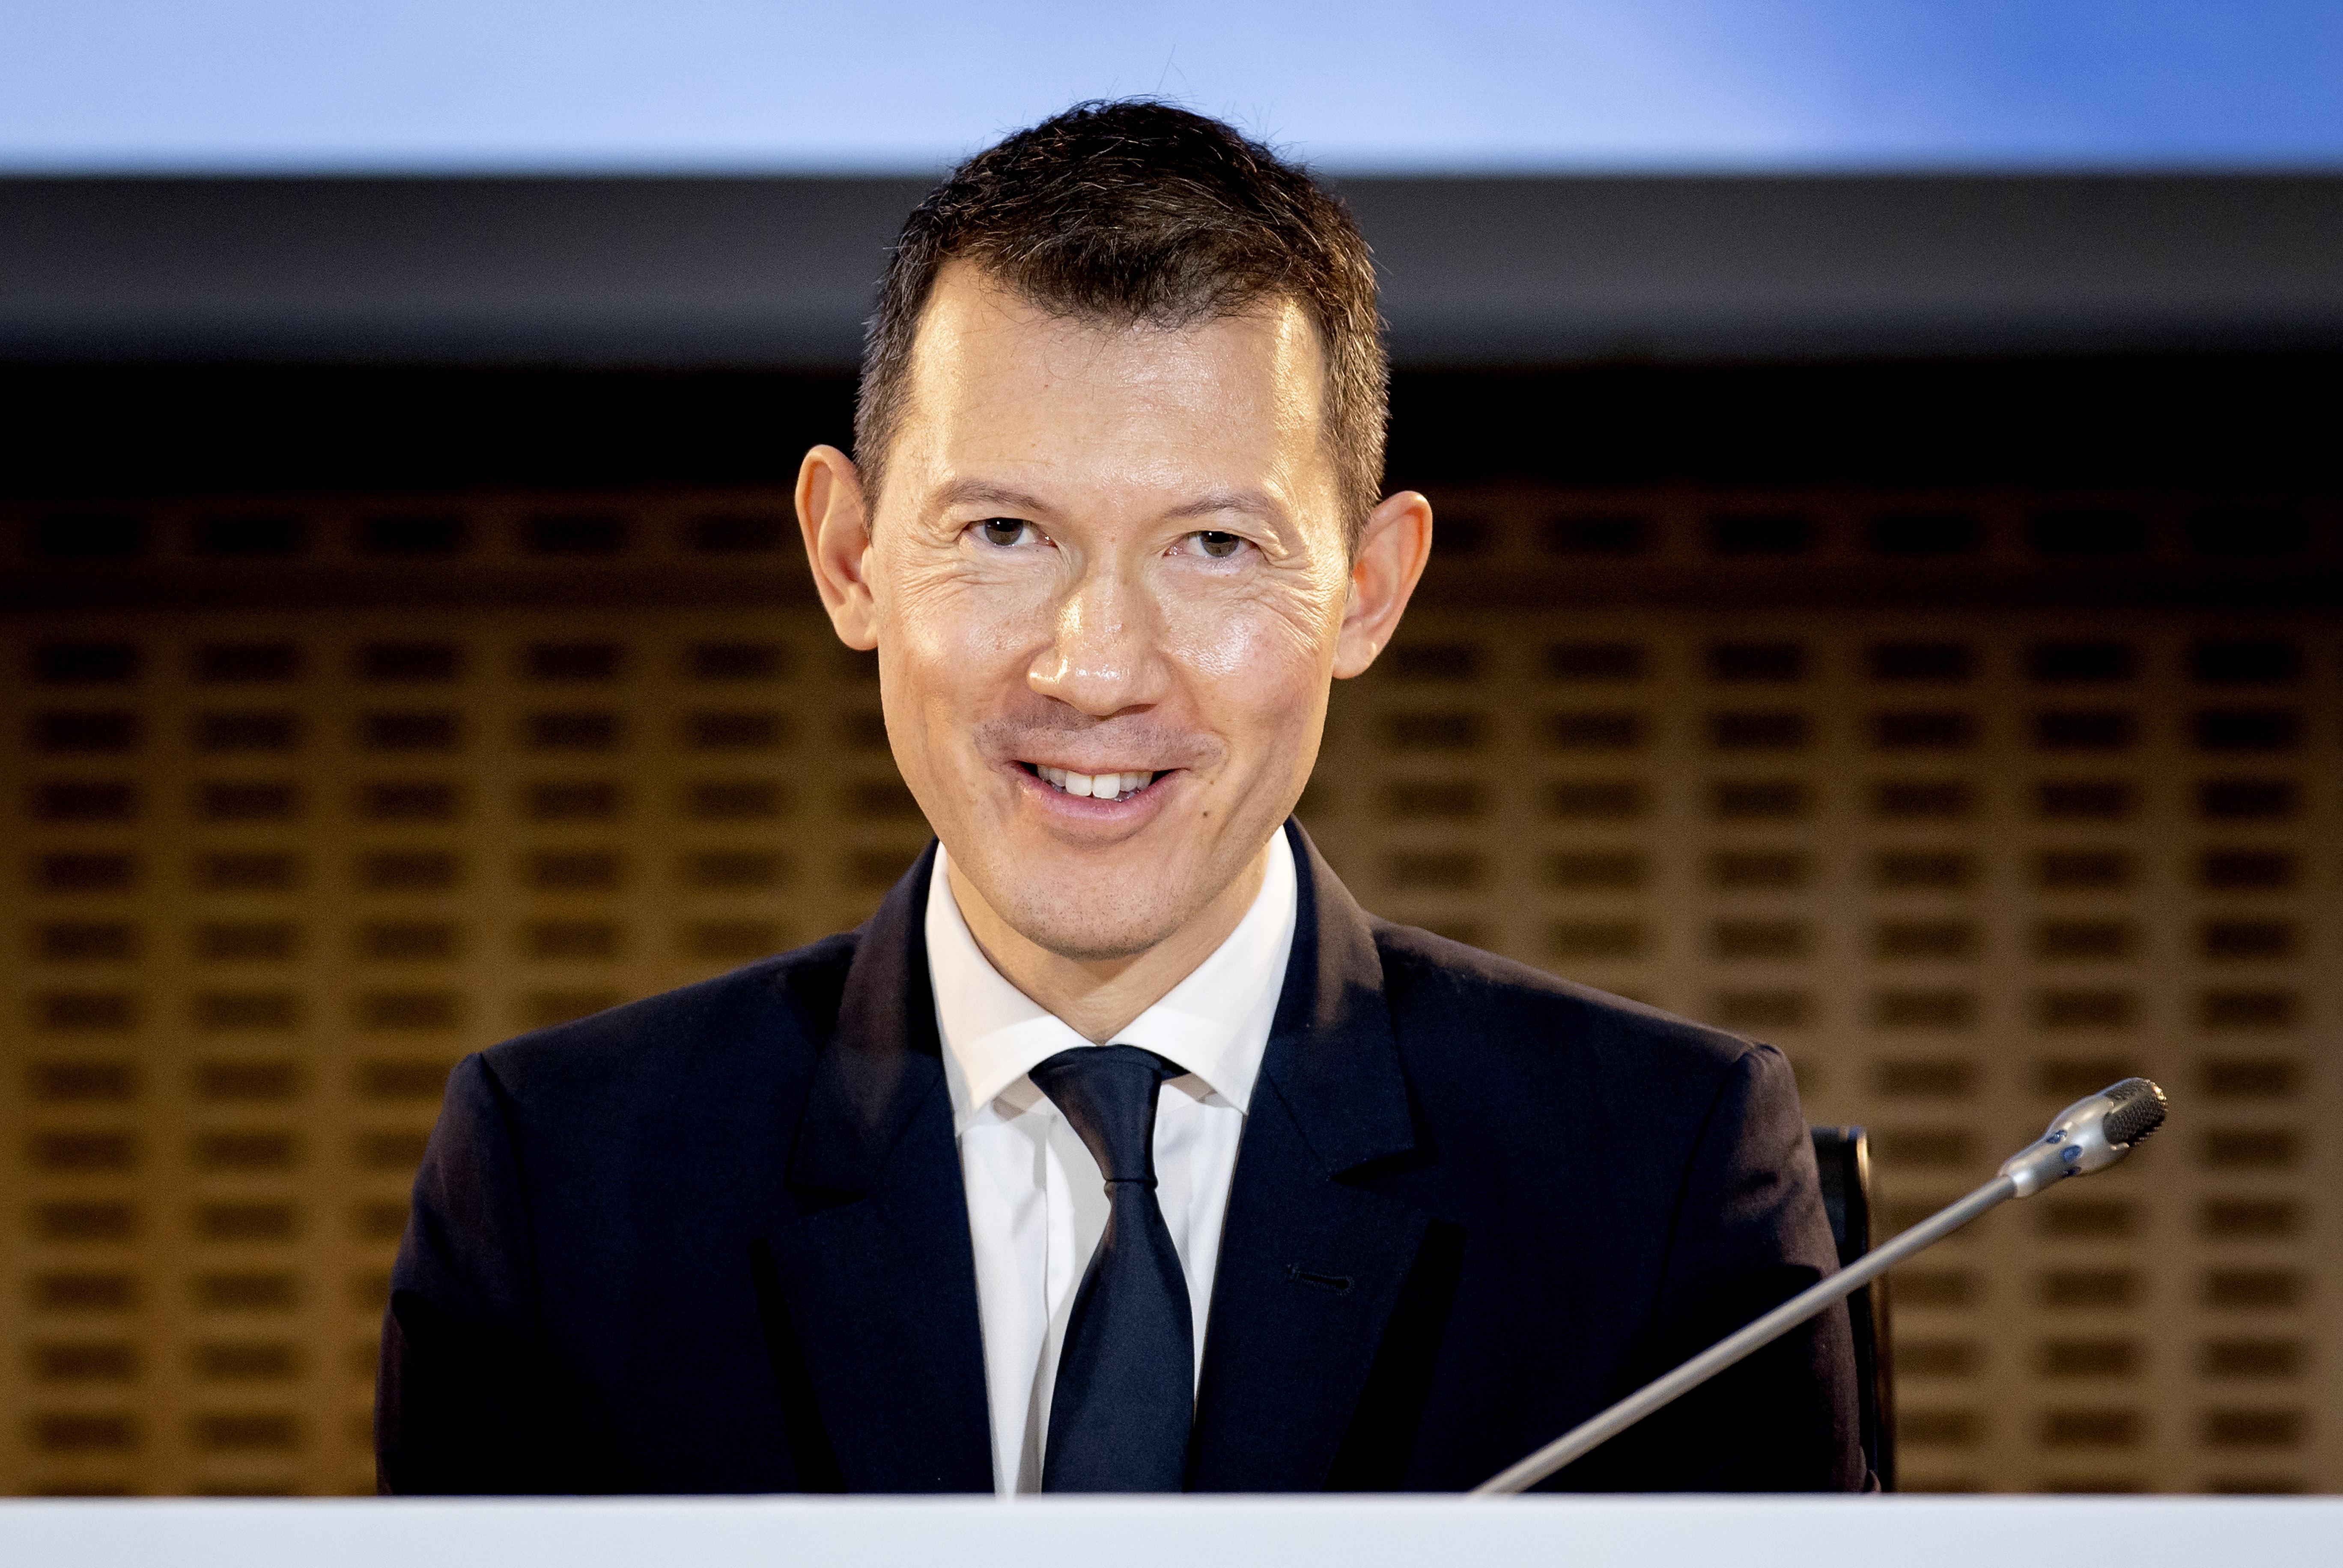 Vooruitgeschoven pion van topman Ben Smith bemoeit zich met de reorganisatie bij KLM